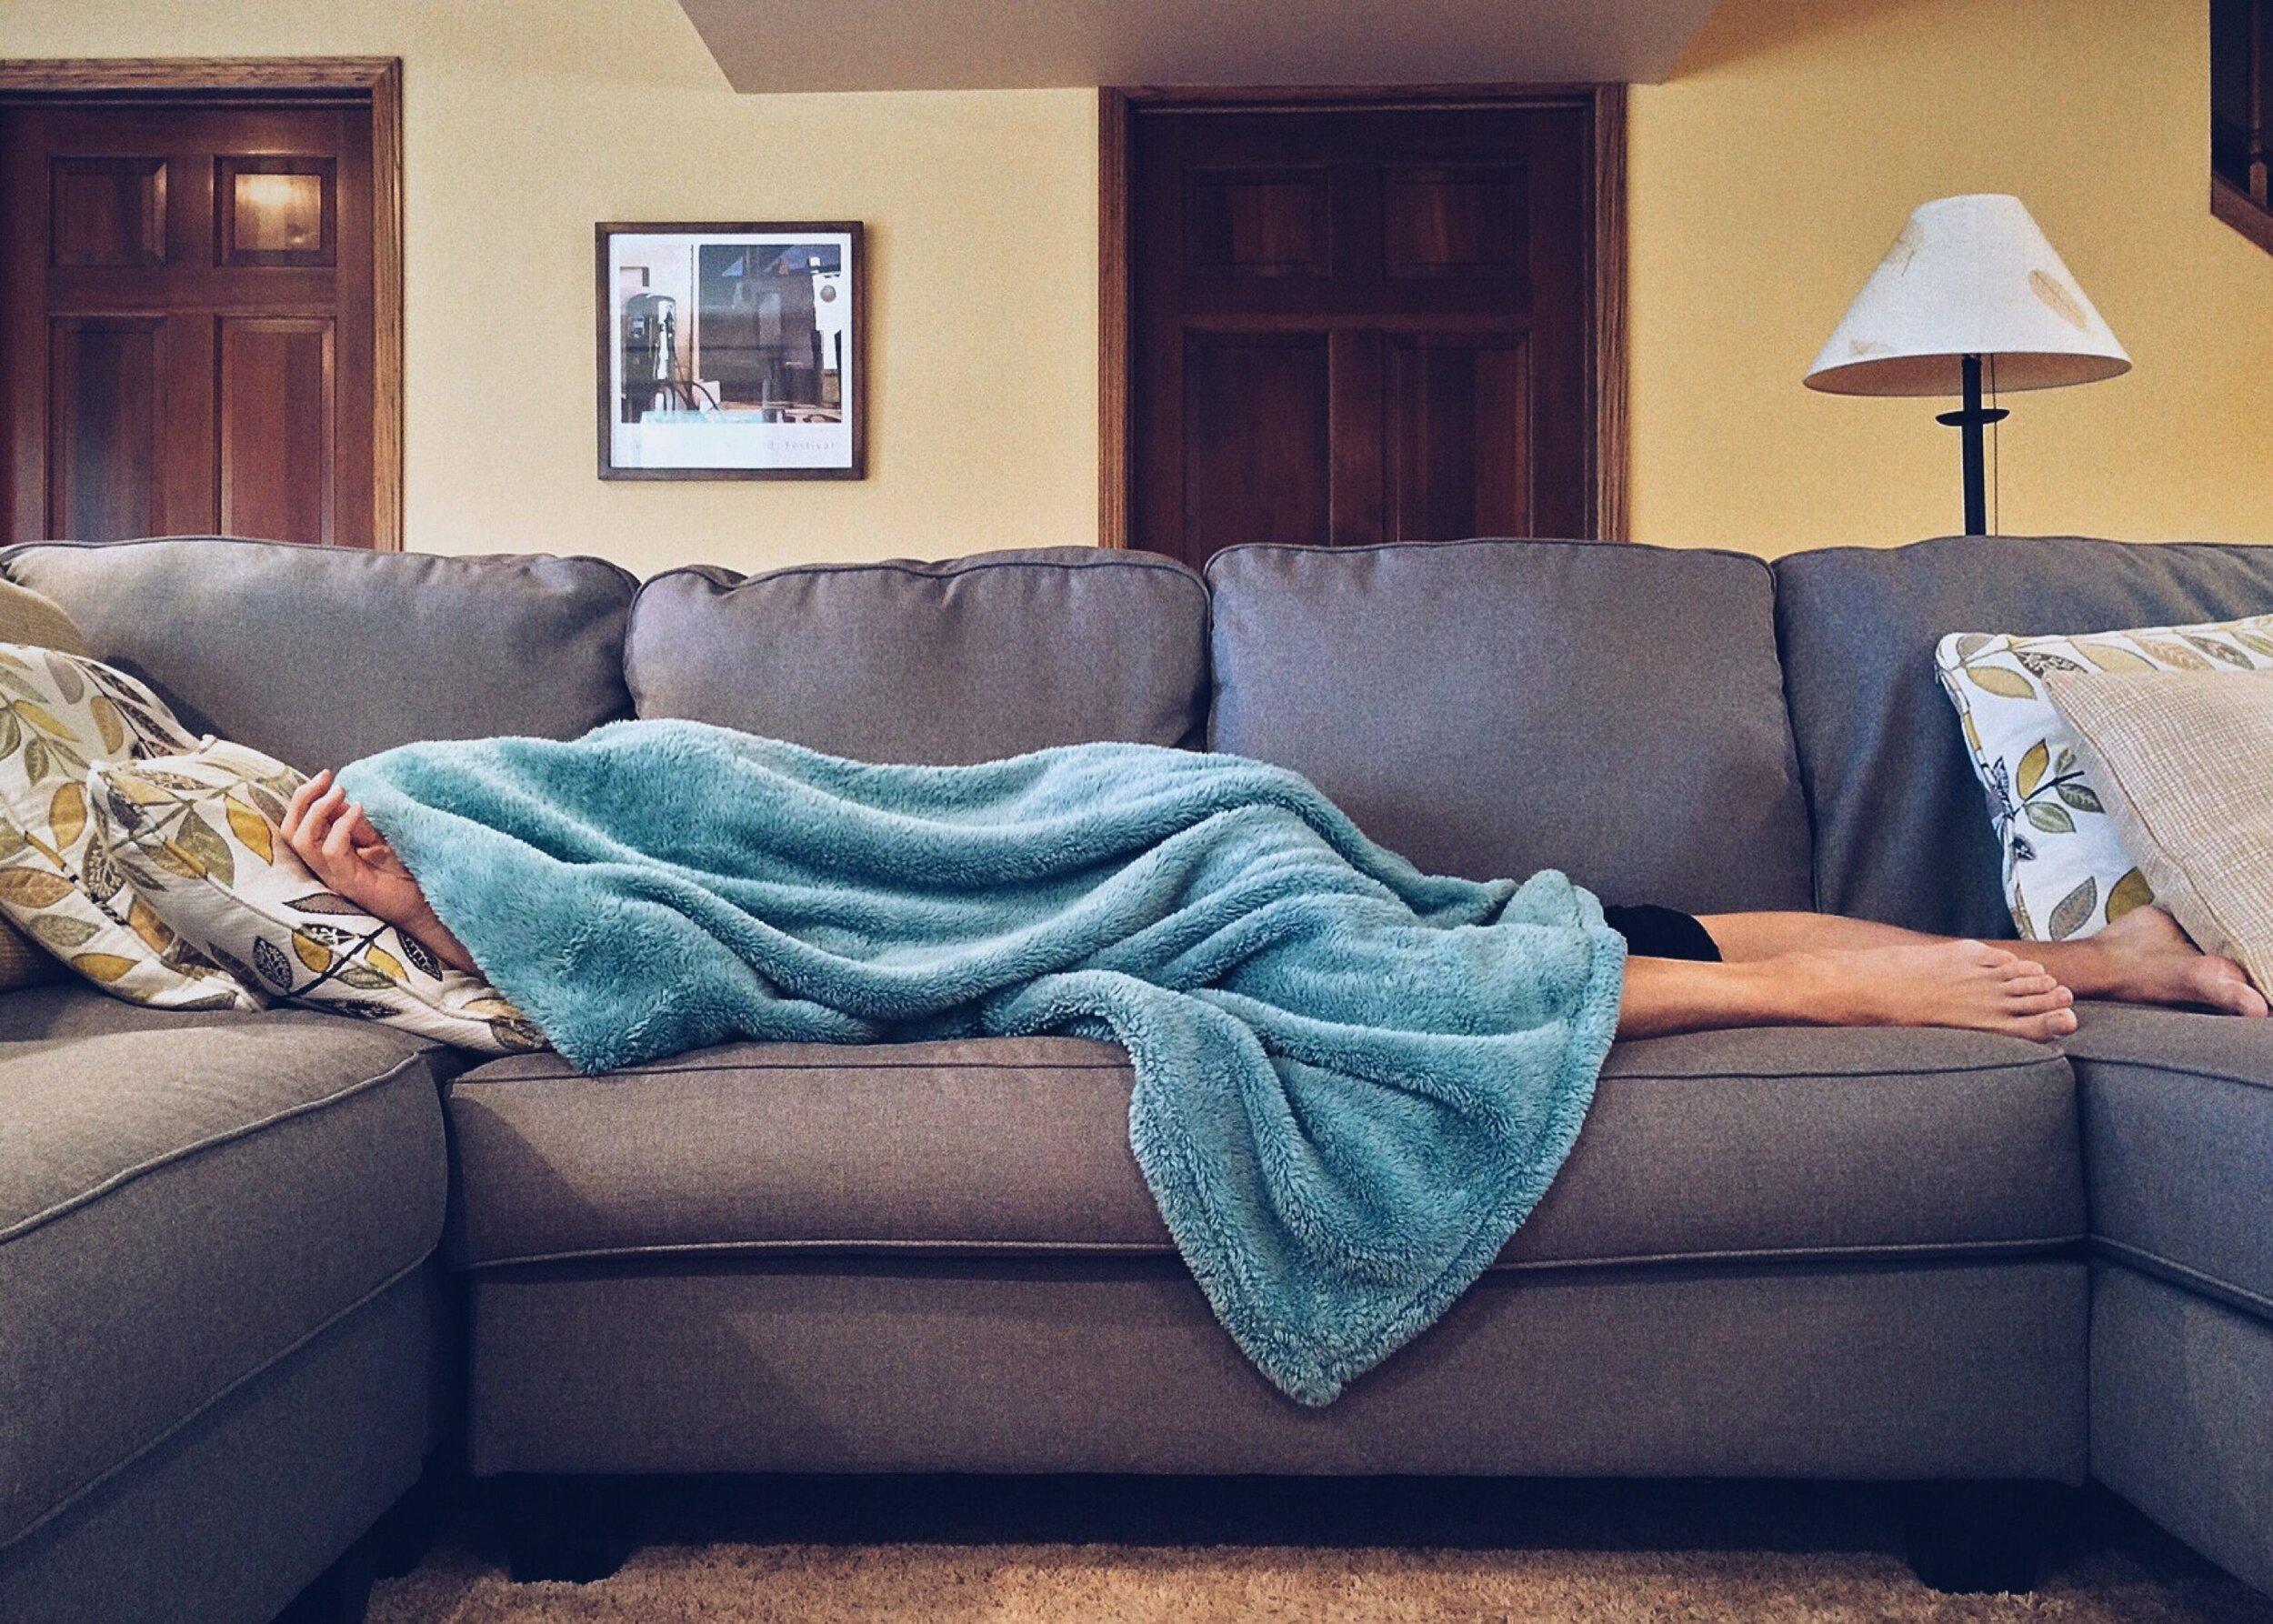 sleep-on-couch-704971.jpg